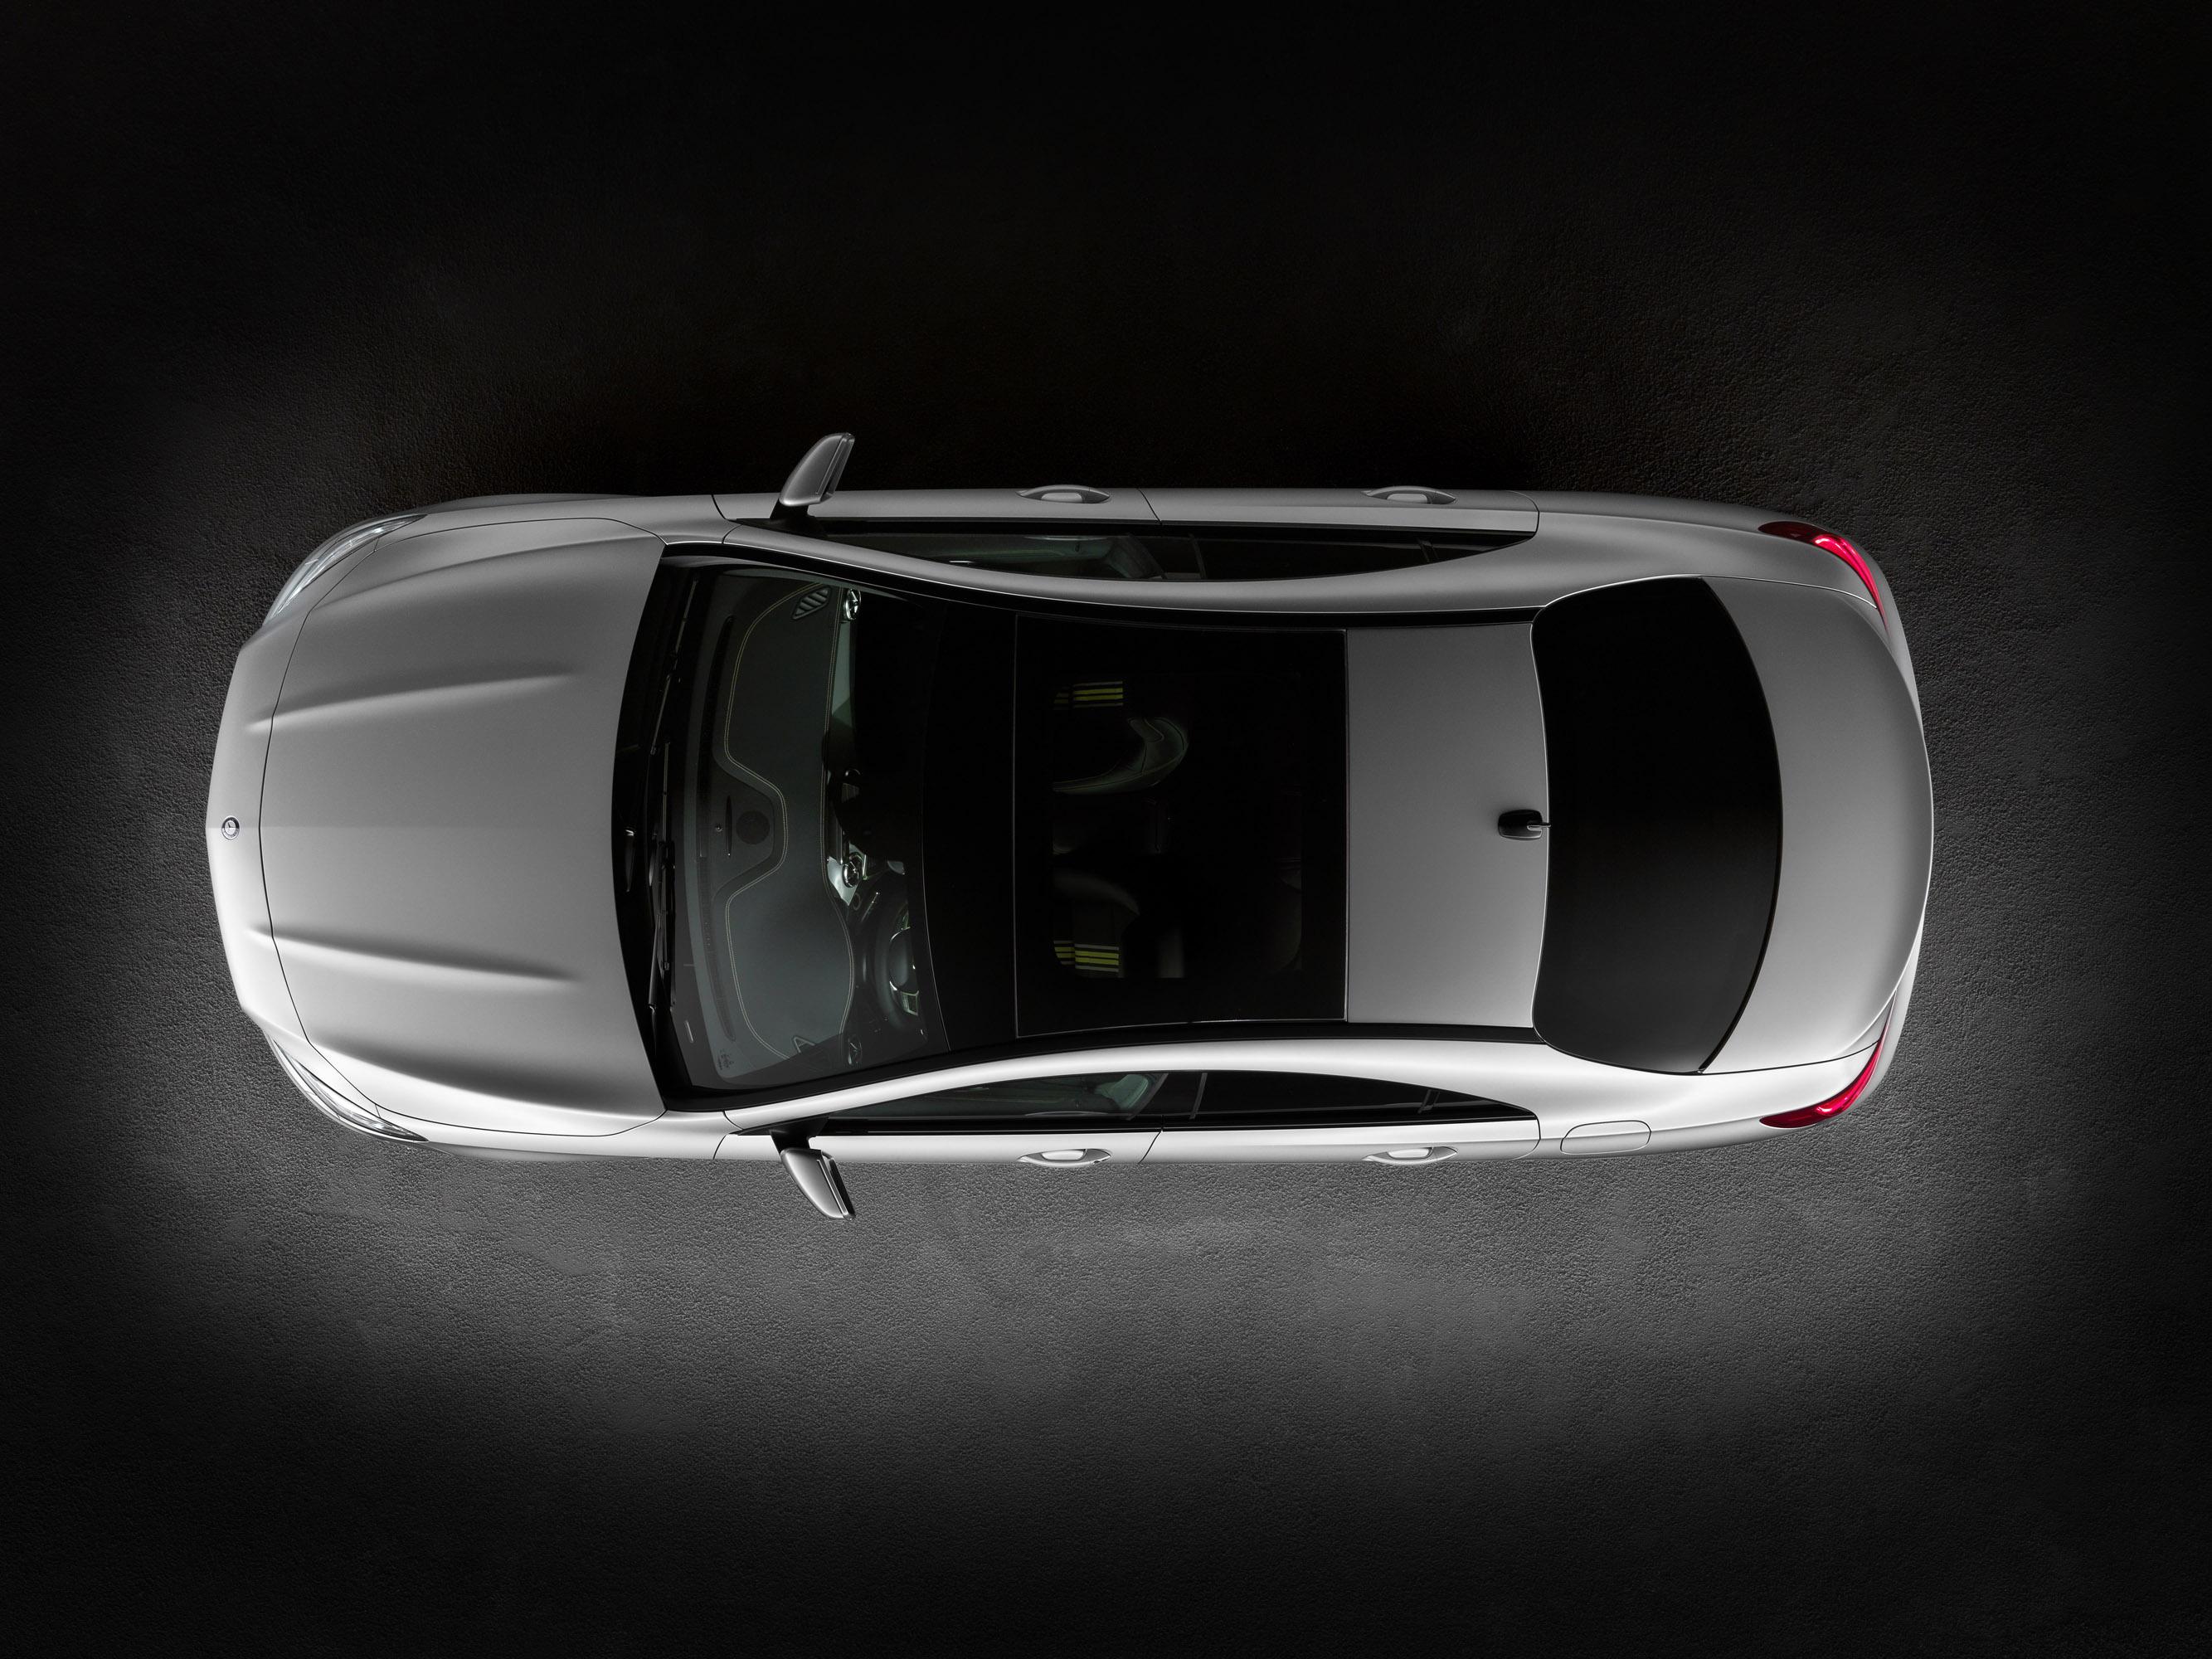 Mercedes-Benz CLA готовится к 2015 году, с большим количеством функций  - фотография №6